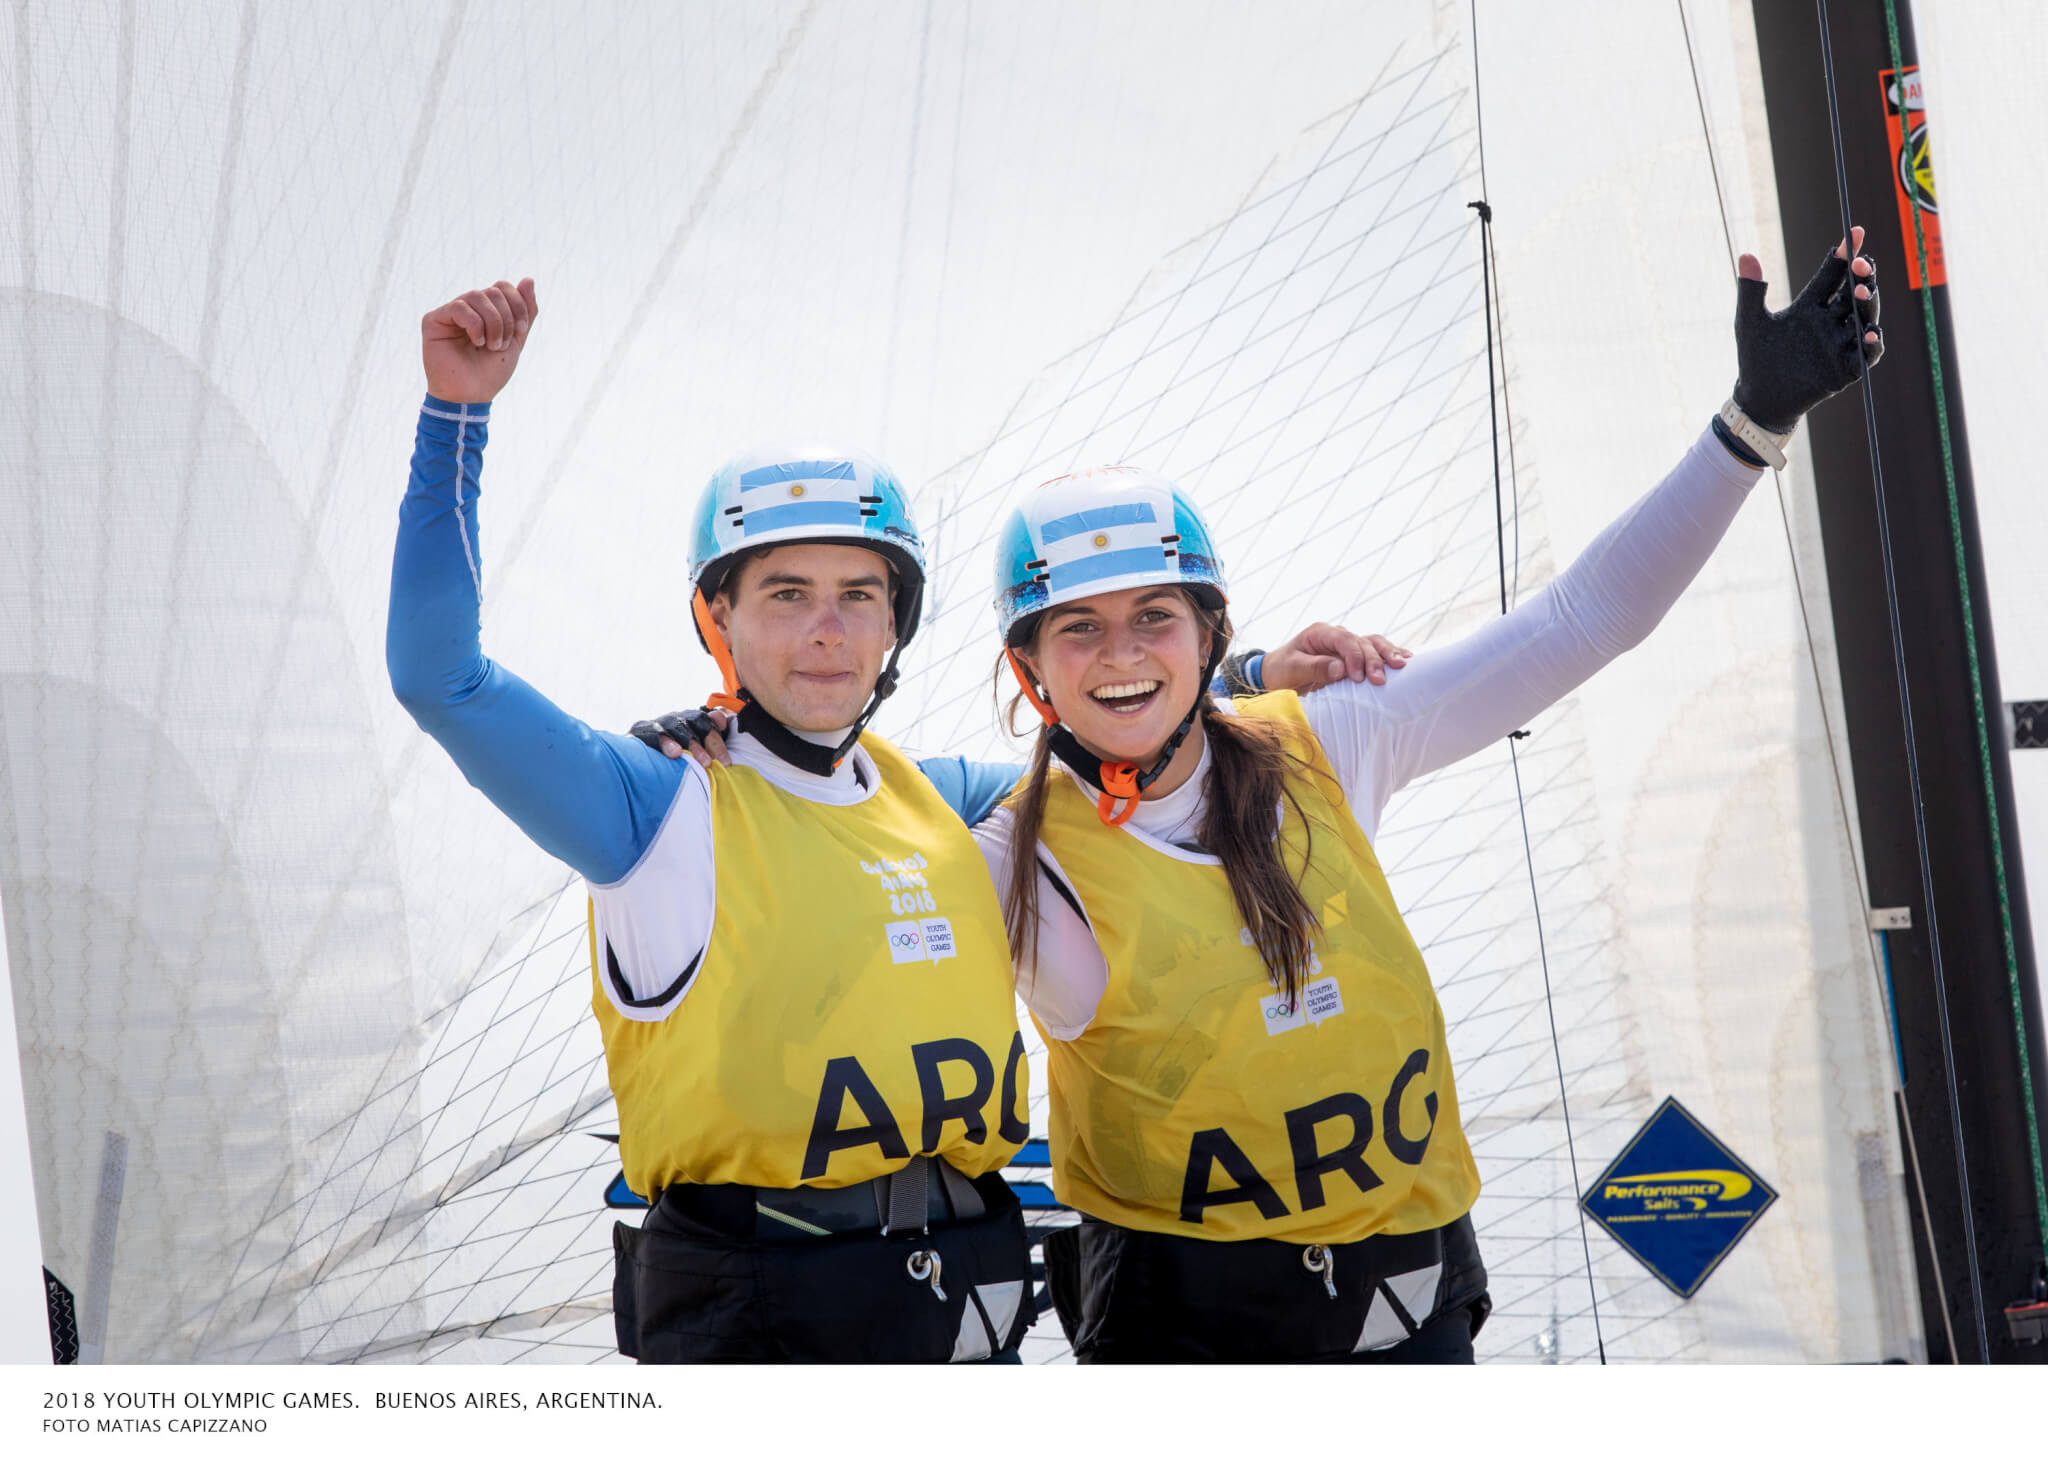 La dupla festeja la victoria en estos Juegos Olímpicos Juveniles